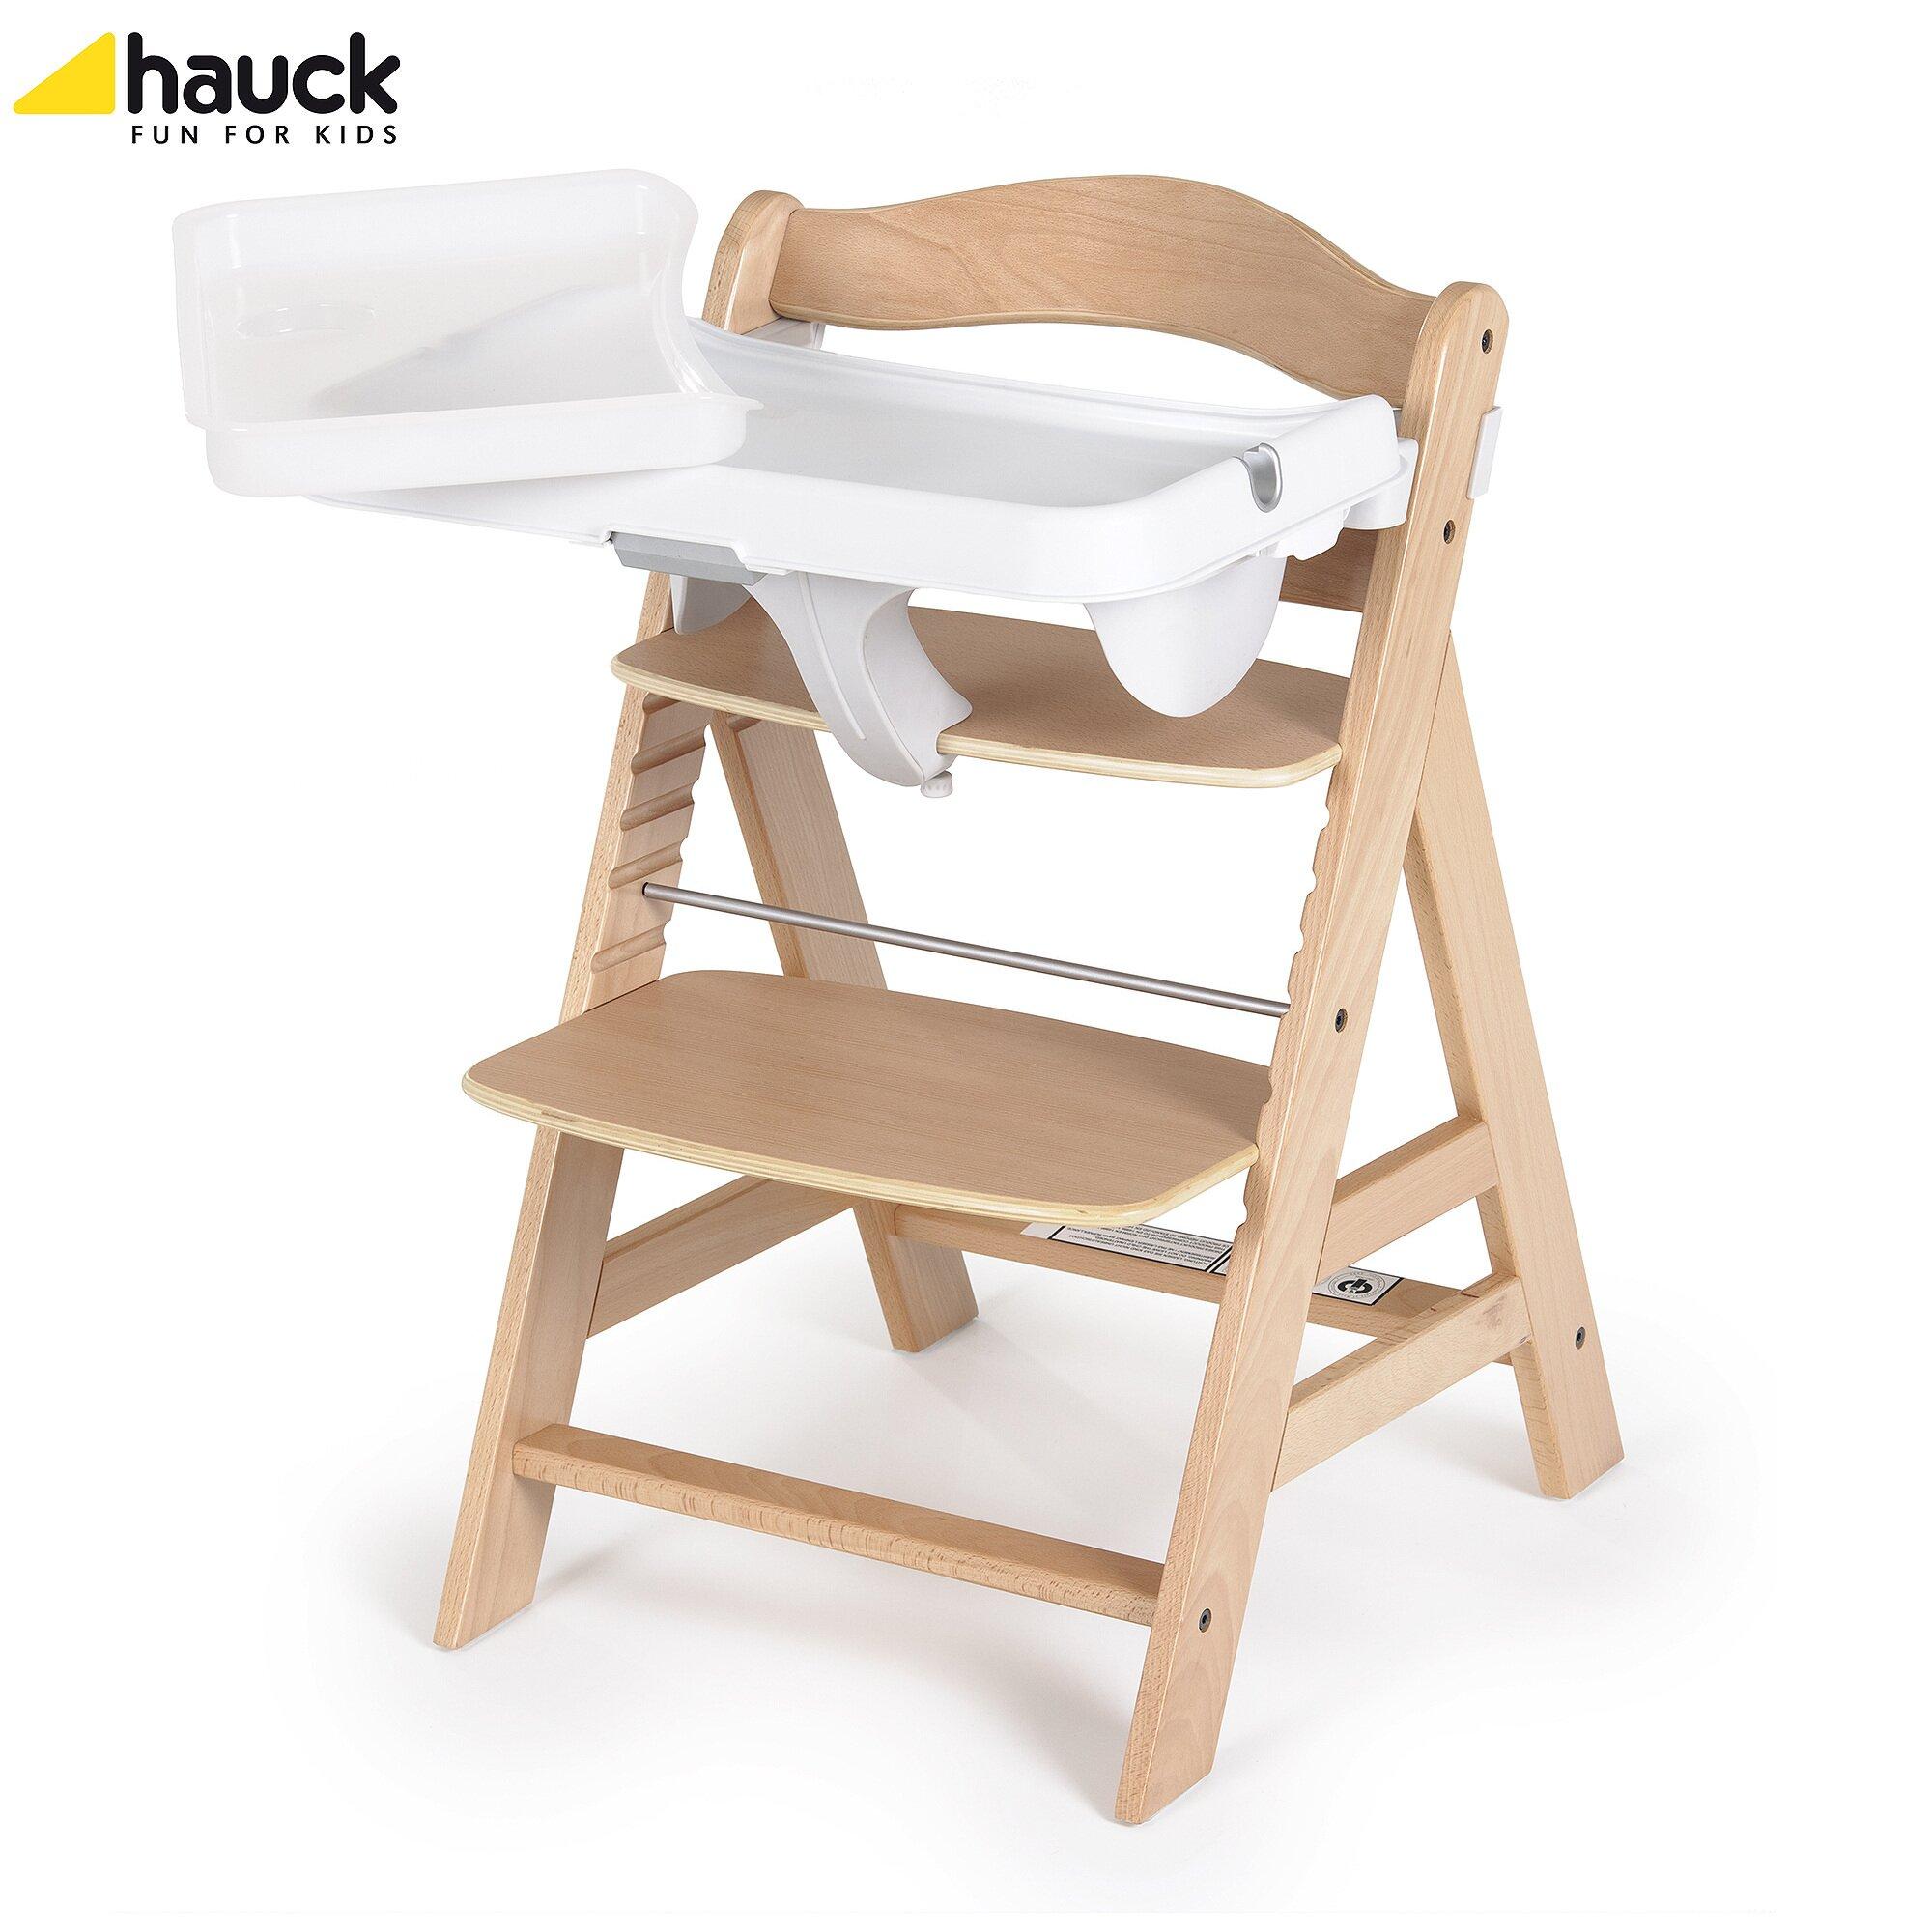 hauck-tray-zu-hochstuhl-alpha, 39.99 EUR @ babywalz-de